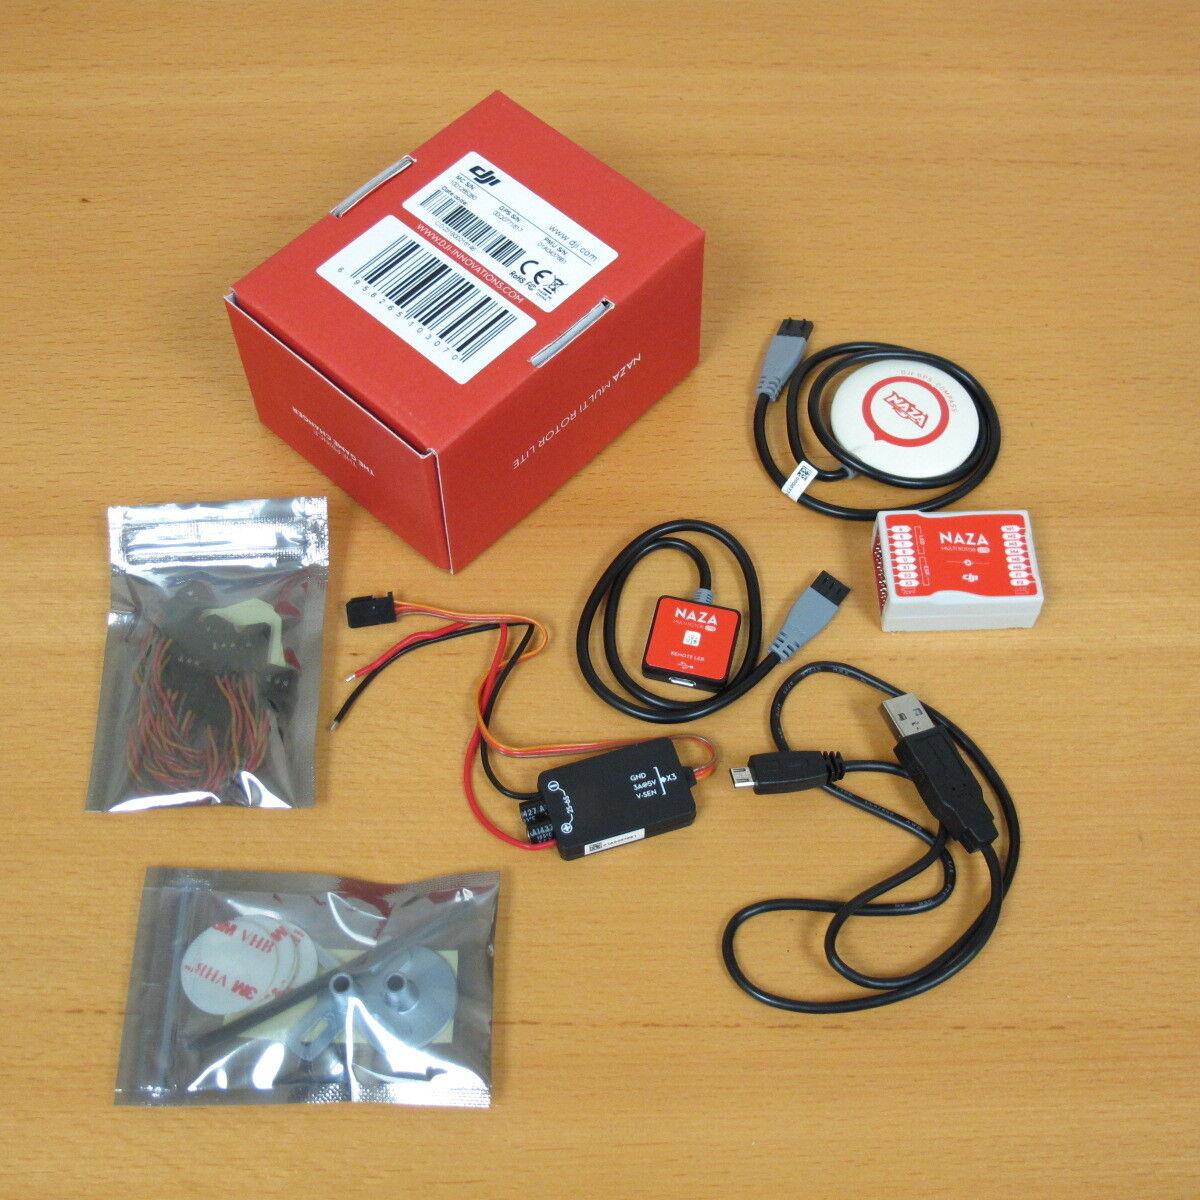 DJI NAZA-M Lite, GPS,  LED Combo - Mulitcopter volo Controller System - USA  vendita di fama mondiale online